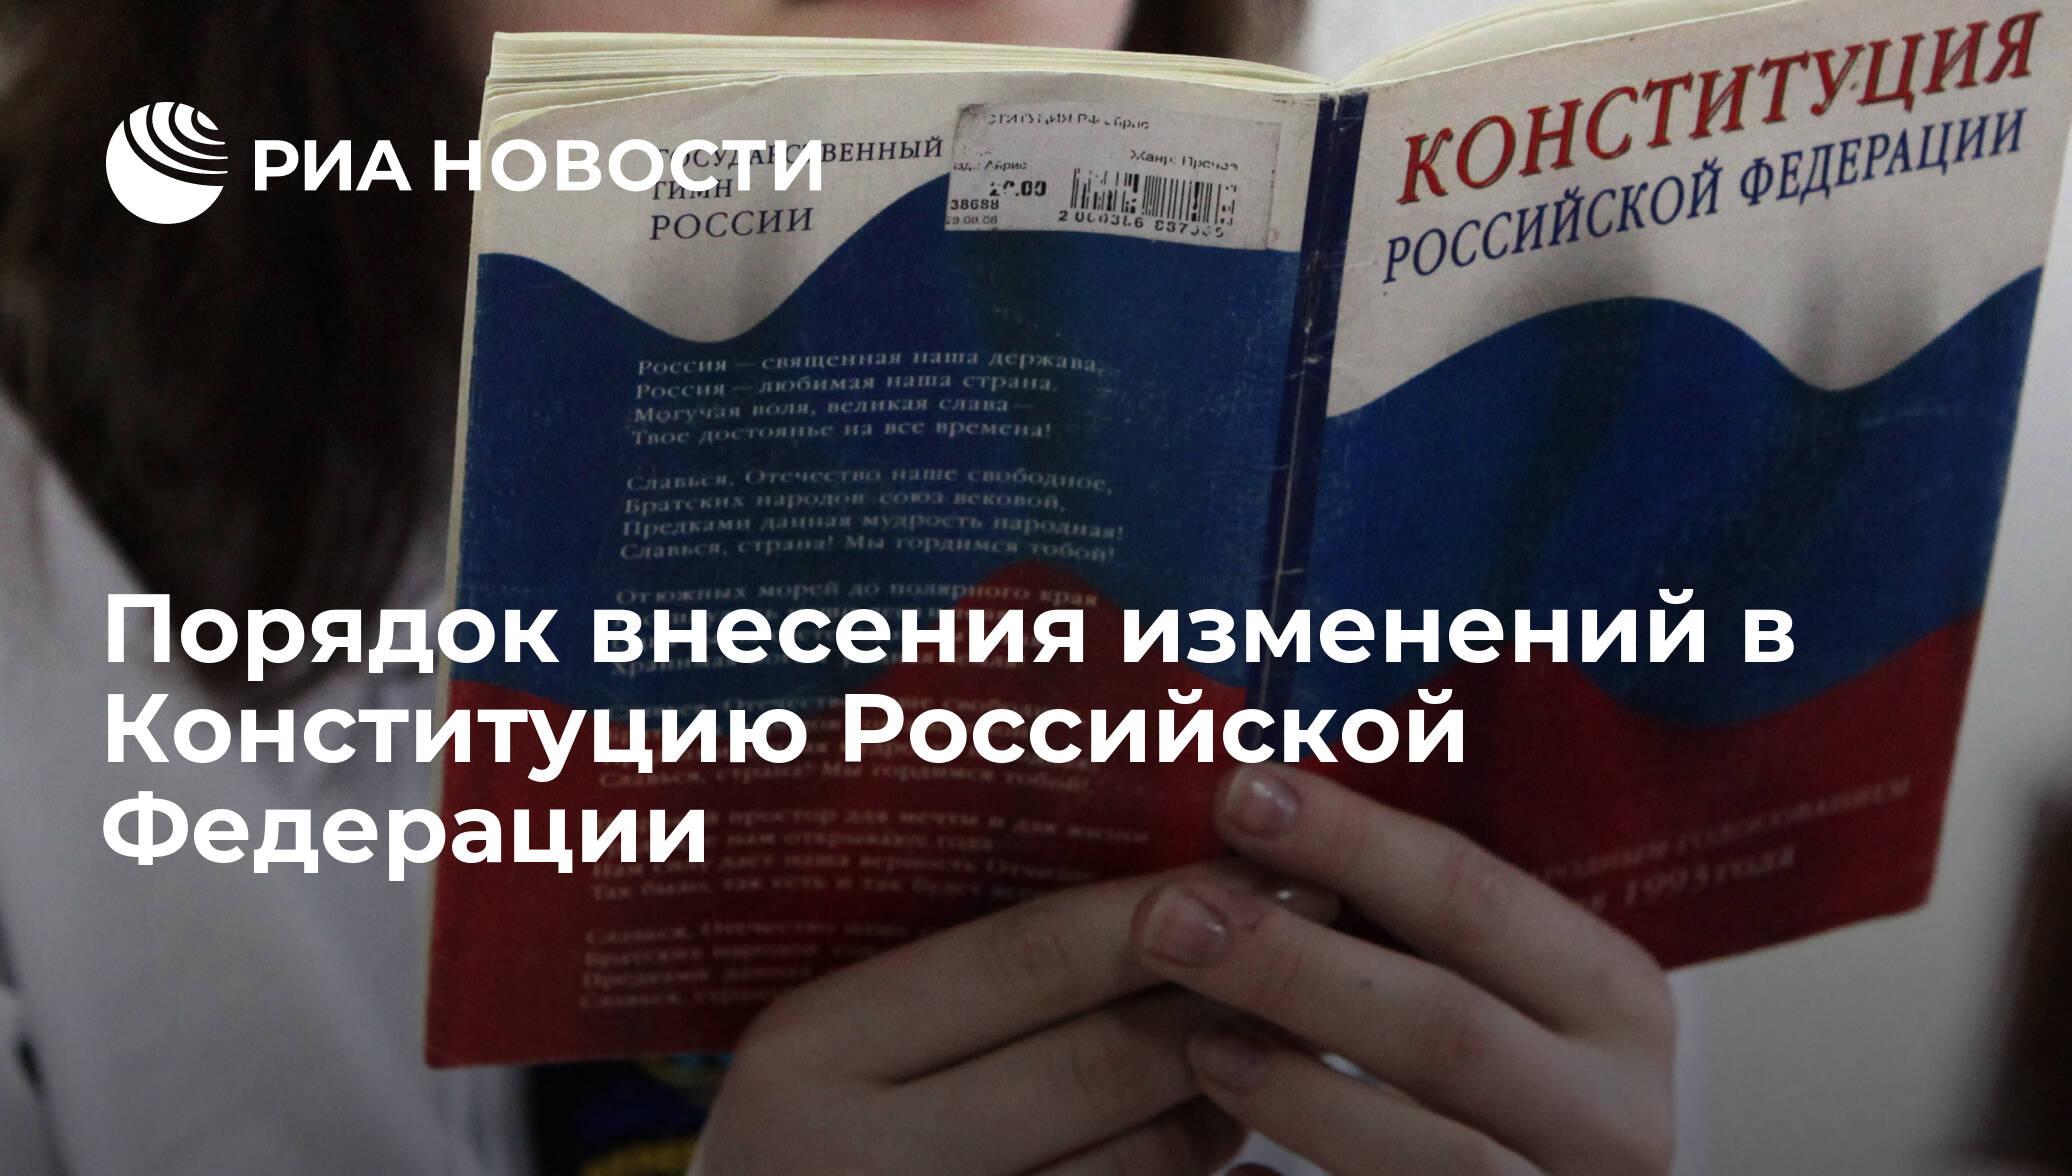 Порядок внесения изменений в Конституцию Российской Федерации